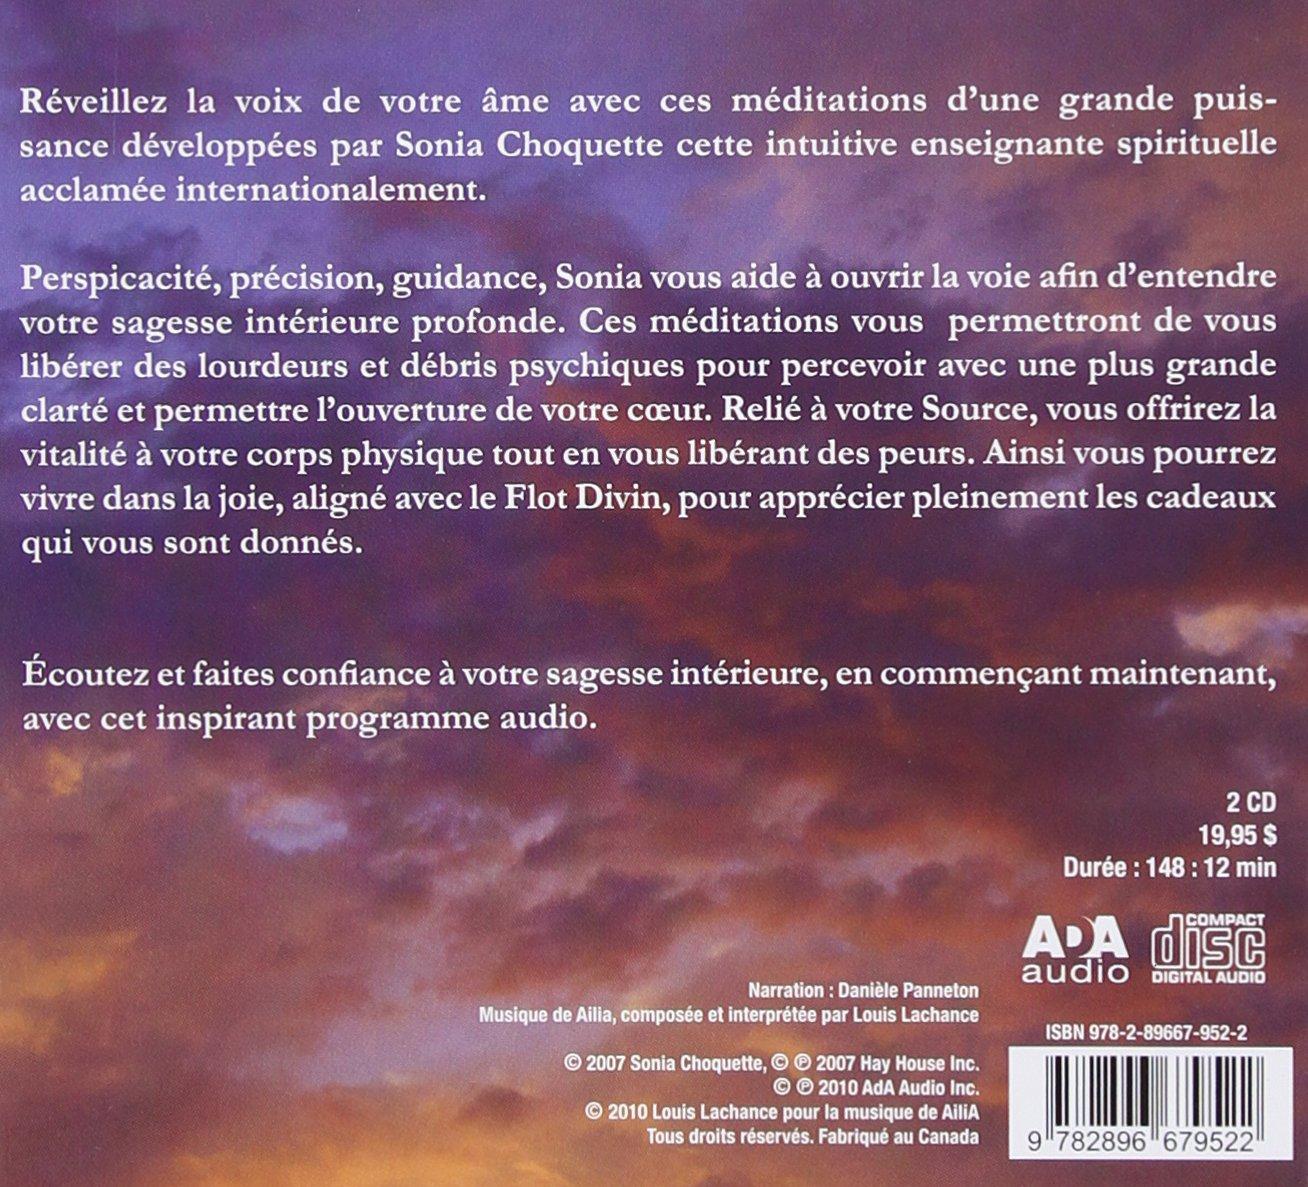 Amazon.fr - Méditations pour recevoir la guidance divine, le support et la  guérison - livre audio 2 CD - Sonia Choquette - Livres